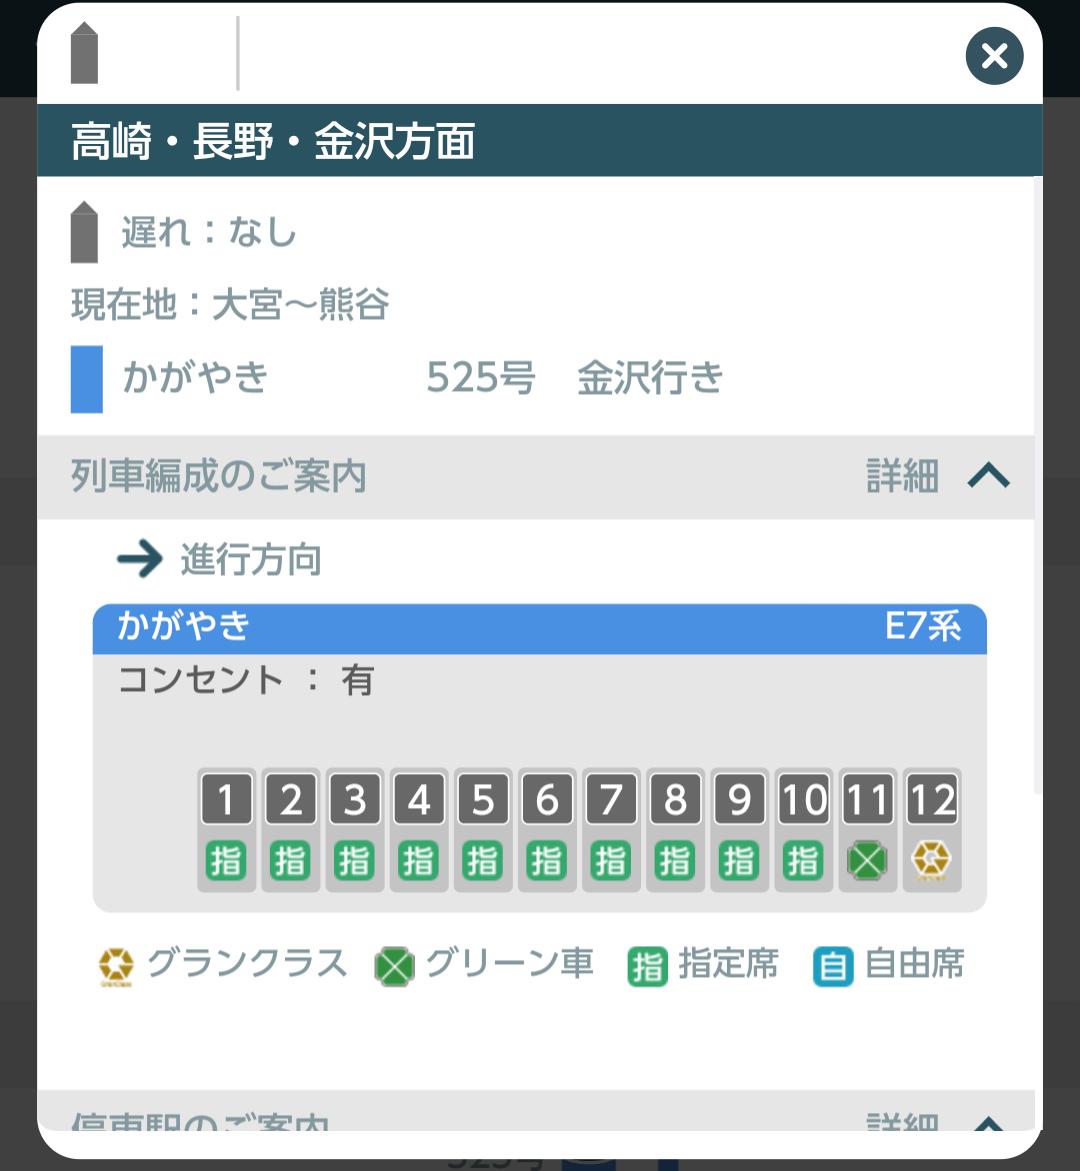 JR東日本アプリの列車走行位置表示>列車詳細から編成E7系がわかる